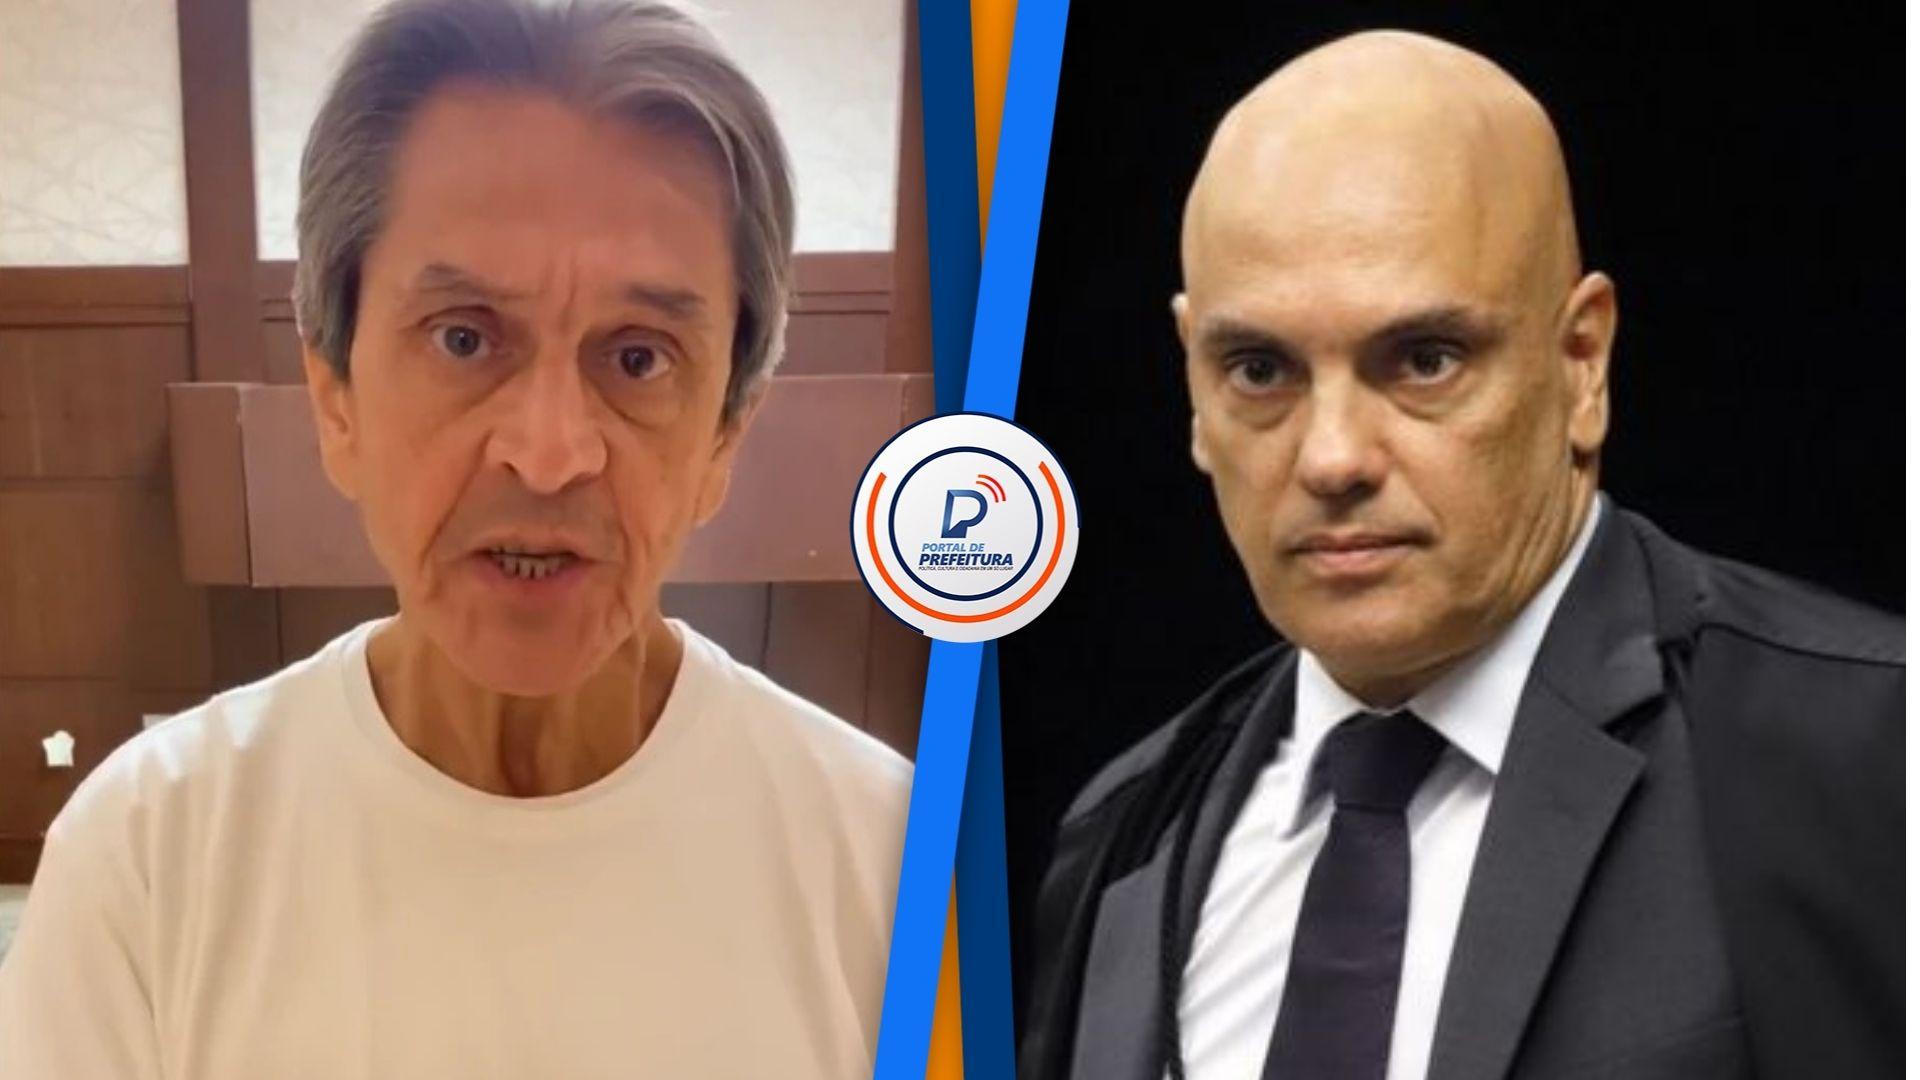 """Em vídeo, Roberto Jefferson sobre Alexandre de Moraes: """"Oro em desfavor do Xandão�"""